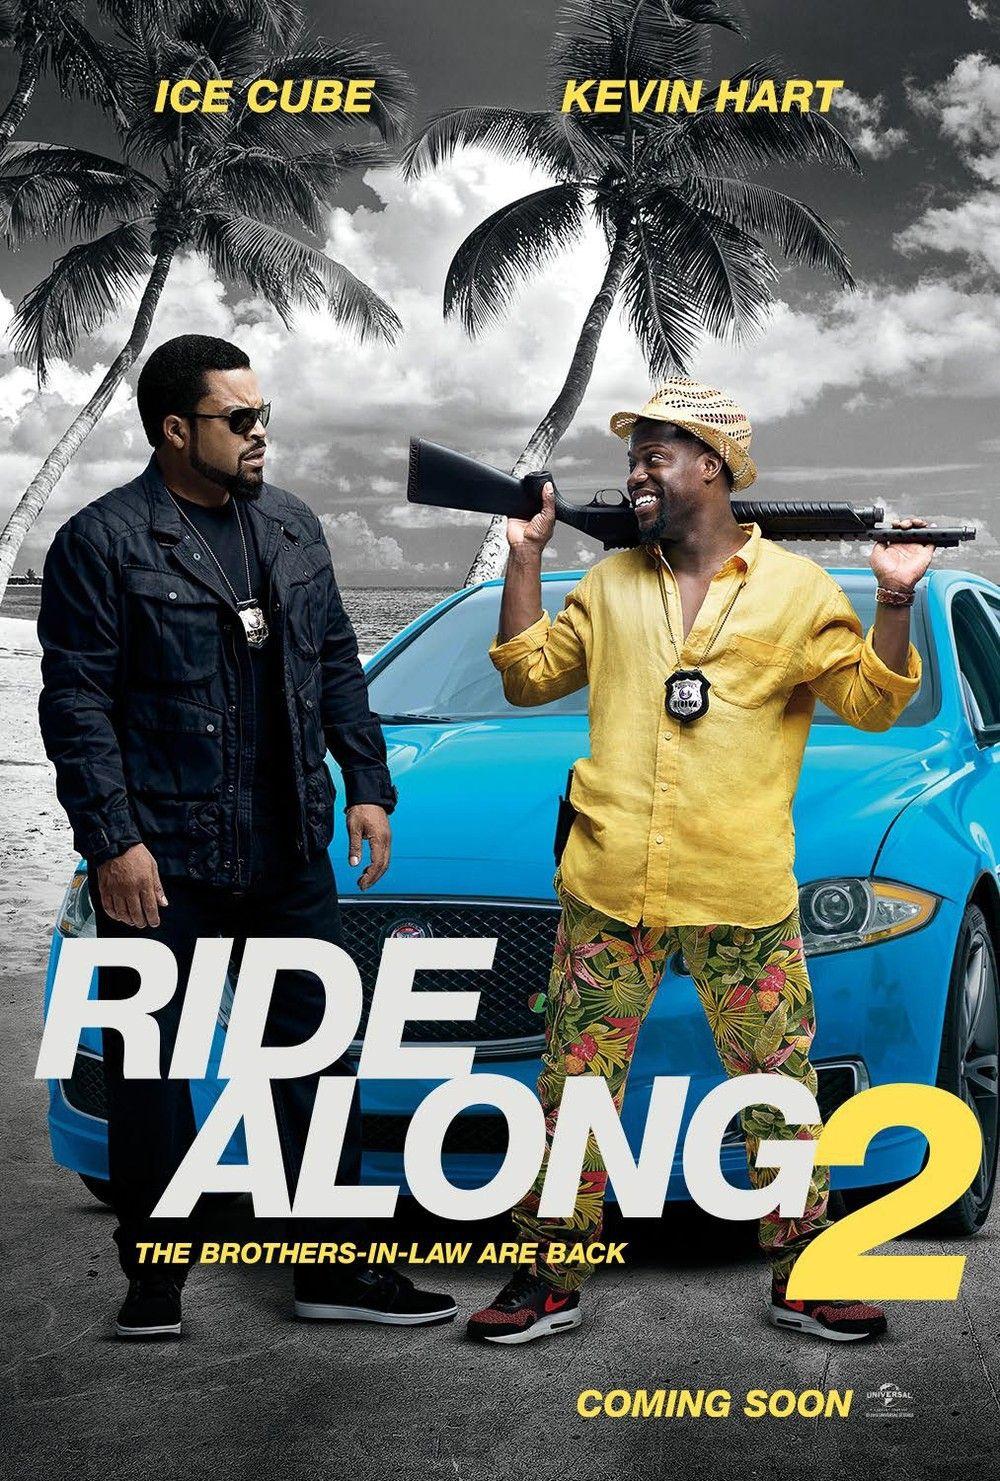 Ride Along 2 Com Imagens Fotos De Filmes Kevin Hart Policial